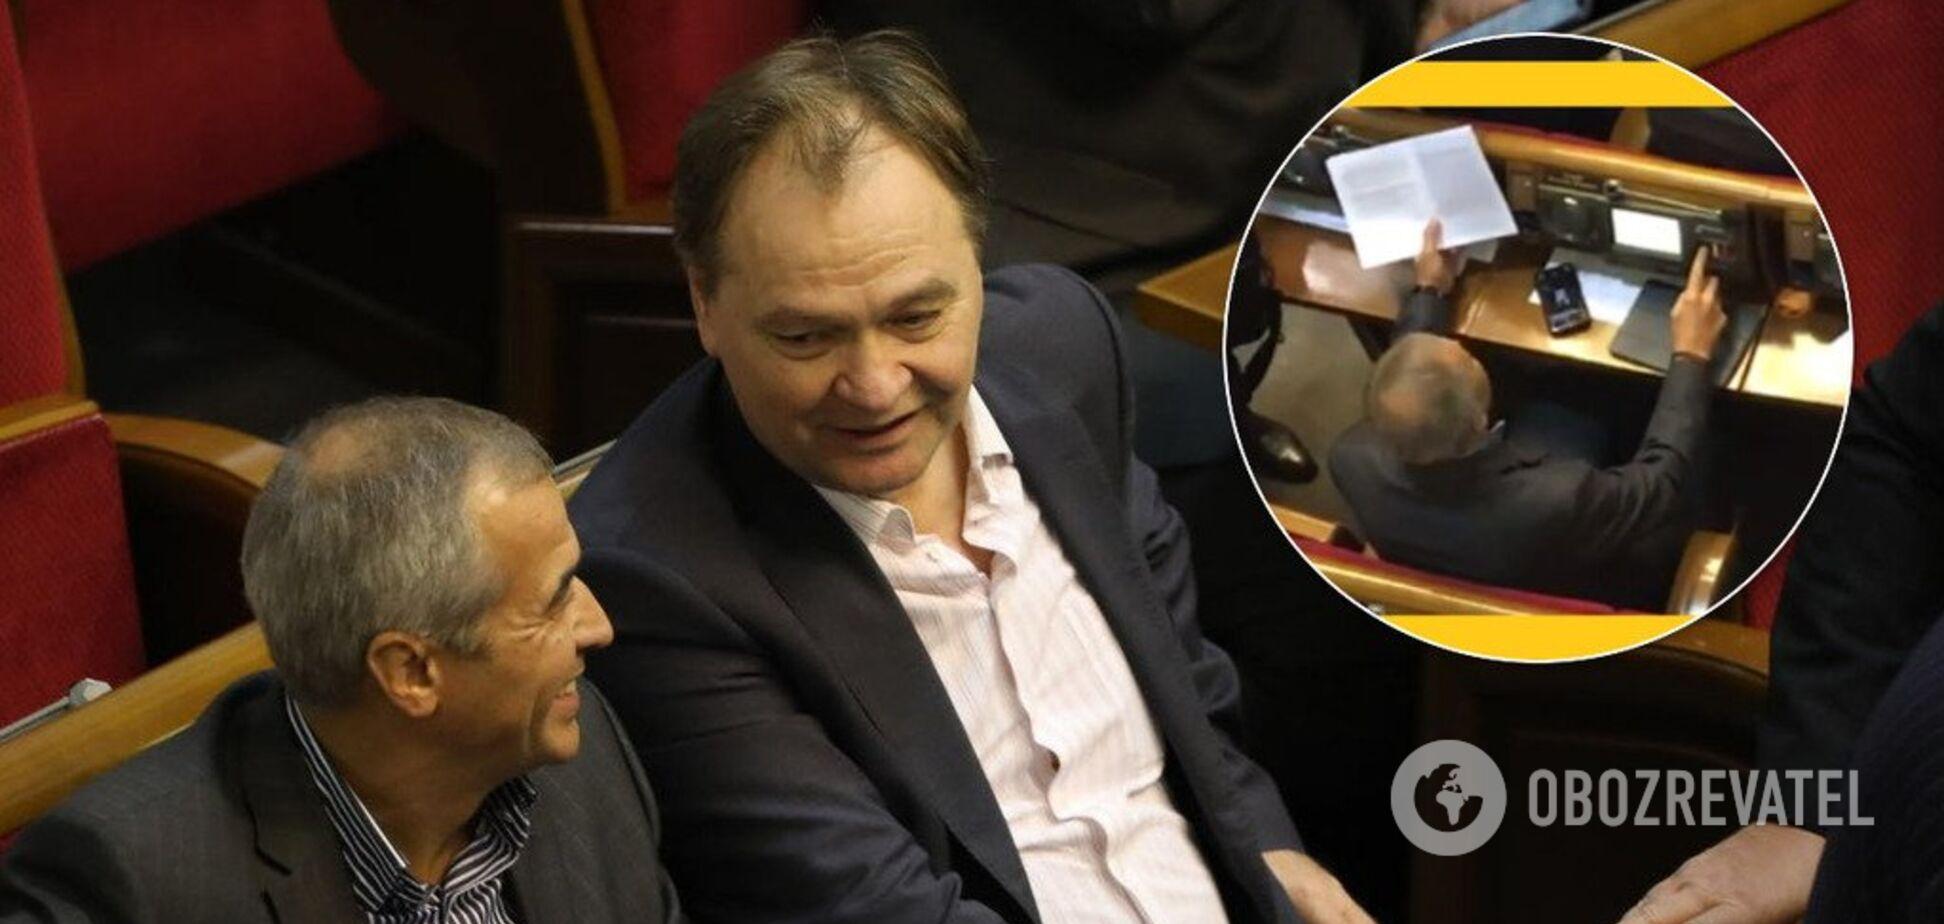 Прикривався аркушем: у Раді депутат встановив рекорд із кнопкодавства